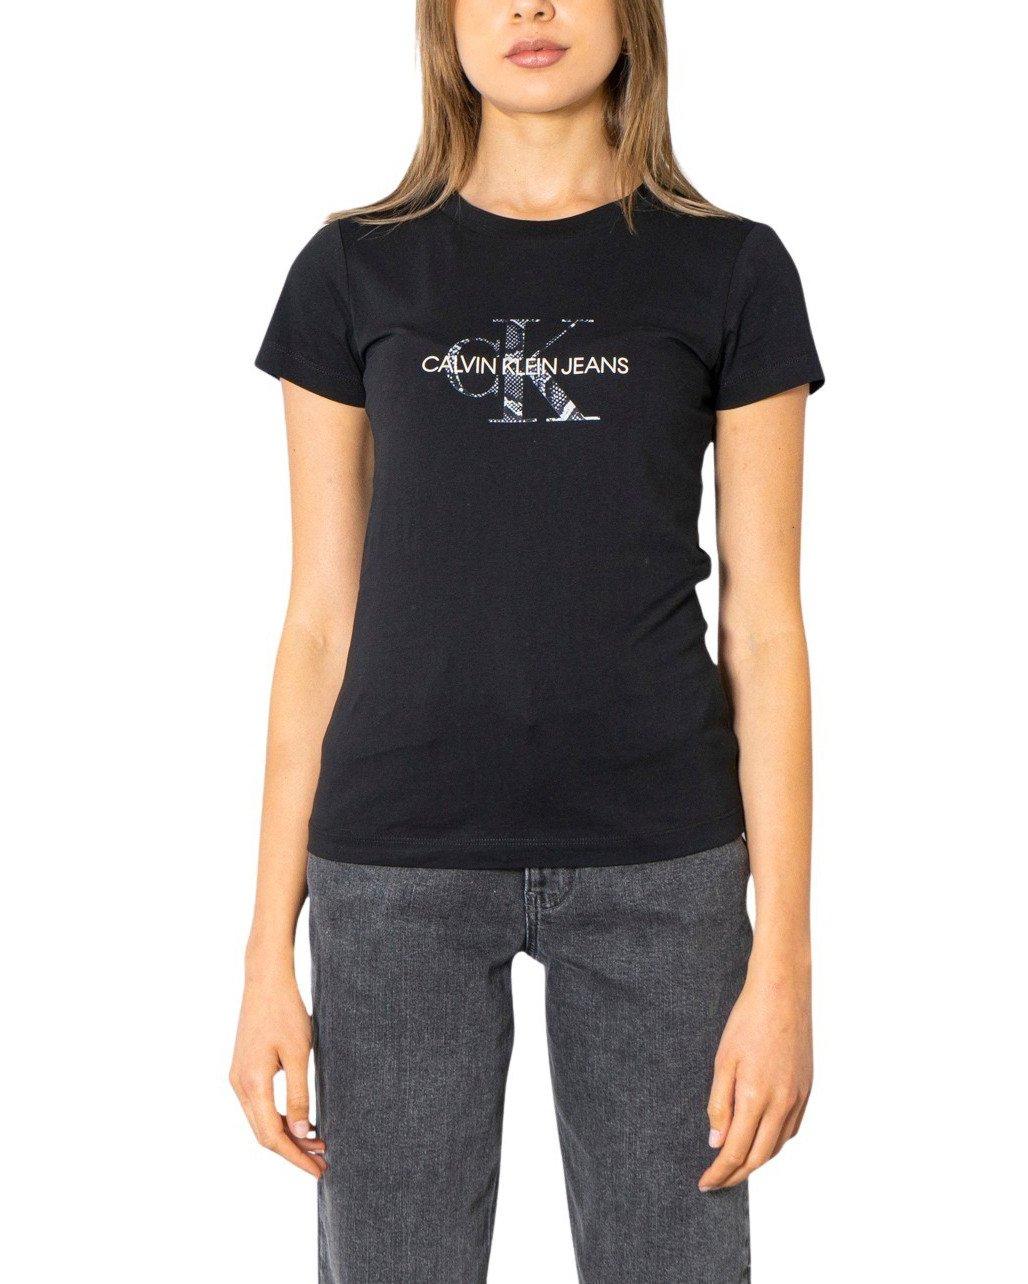 Calvin Klein Jeans Women T-Shirt Various Colours 299976 - black XS